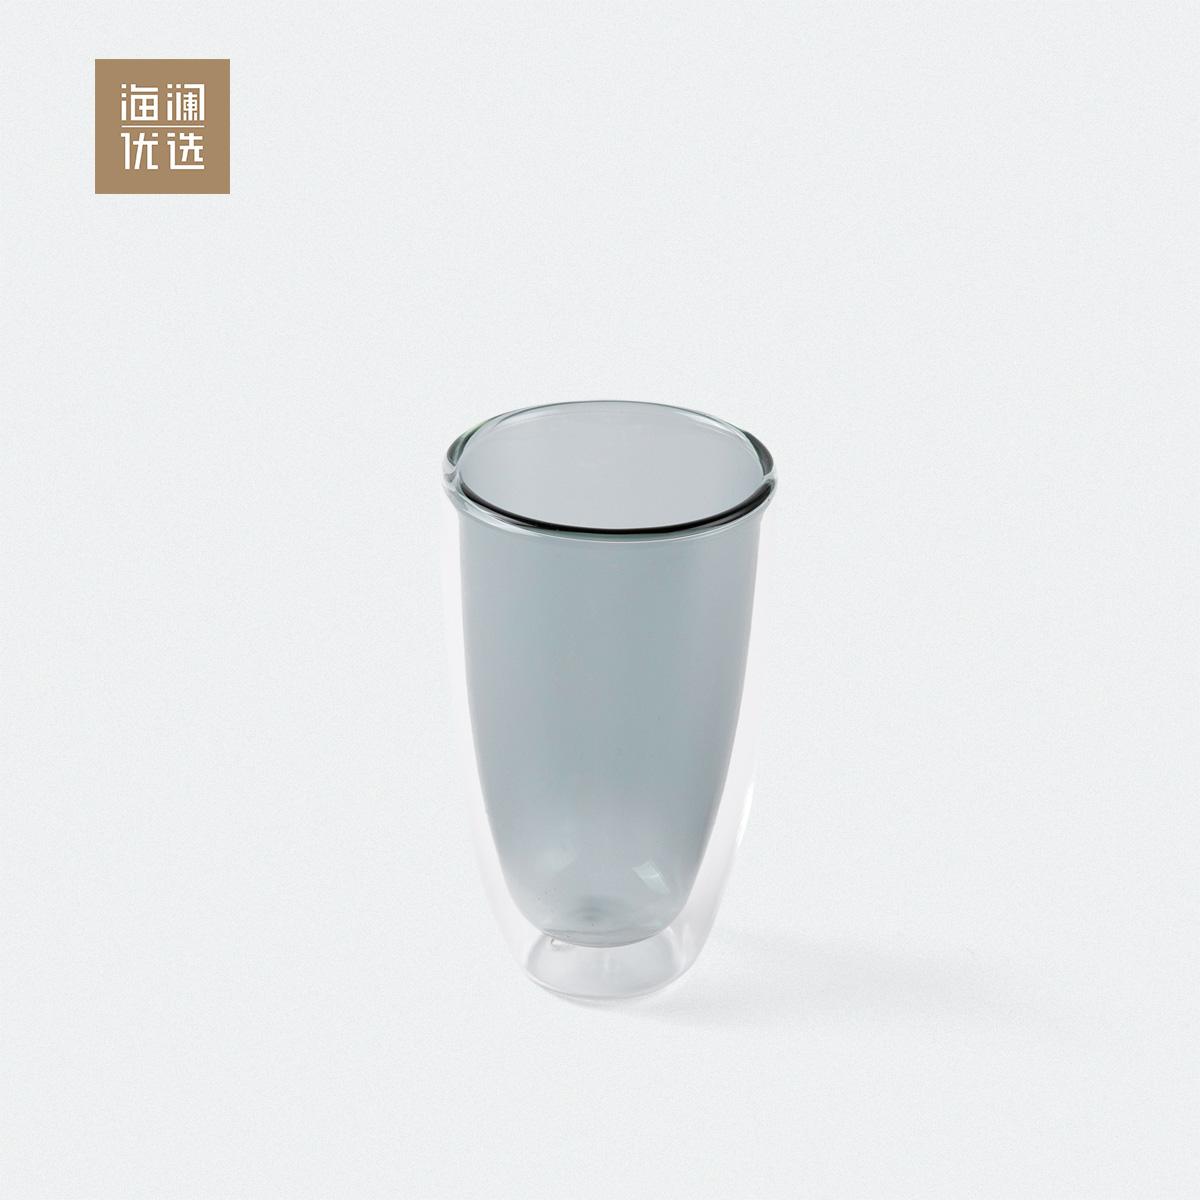 高硼硅玻璃隔热耐热果汁咖啡泡茶无把双层杯子300ml海澜优选